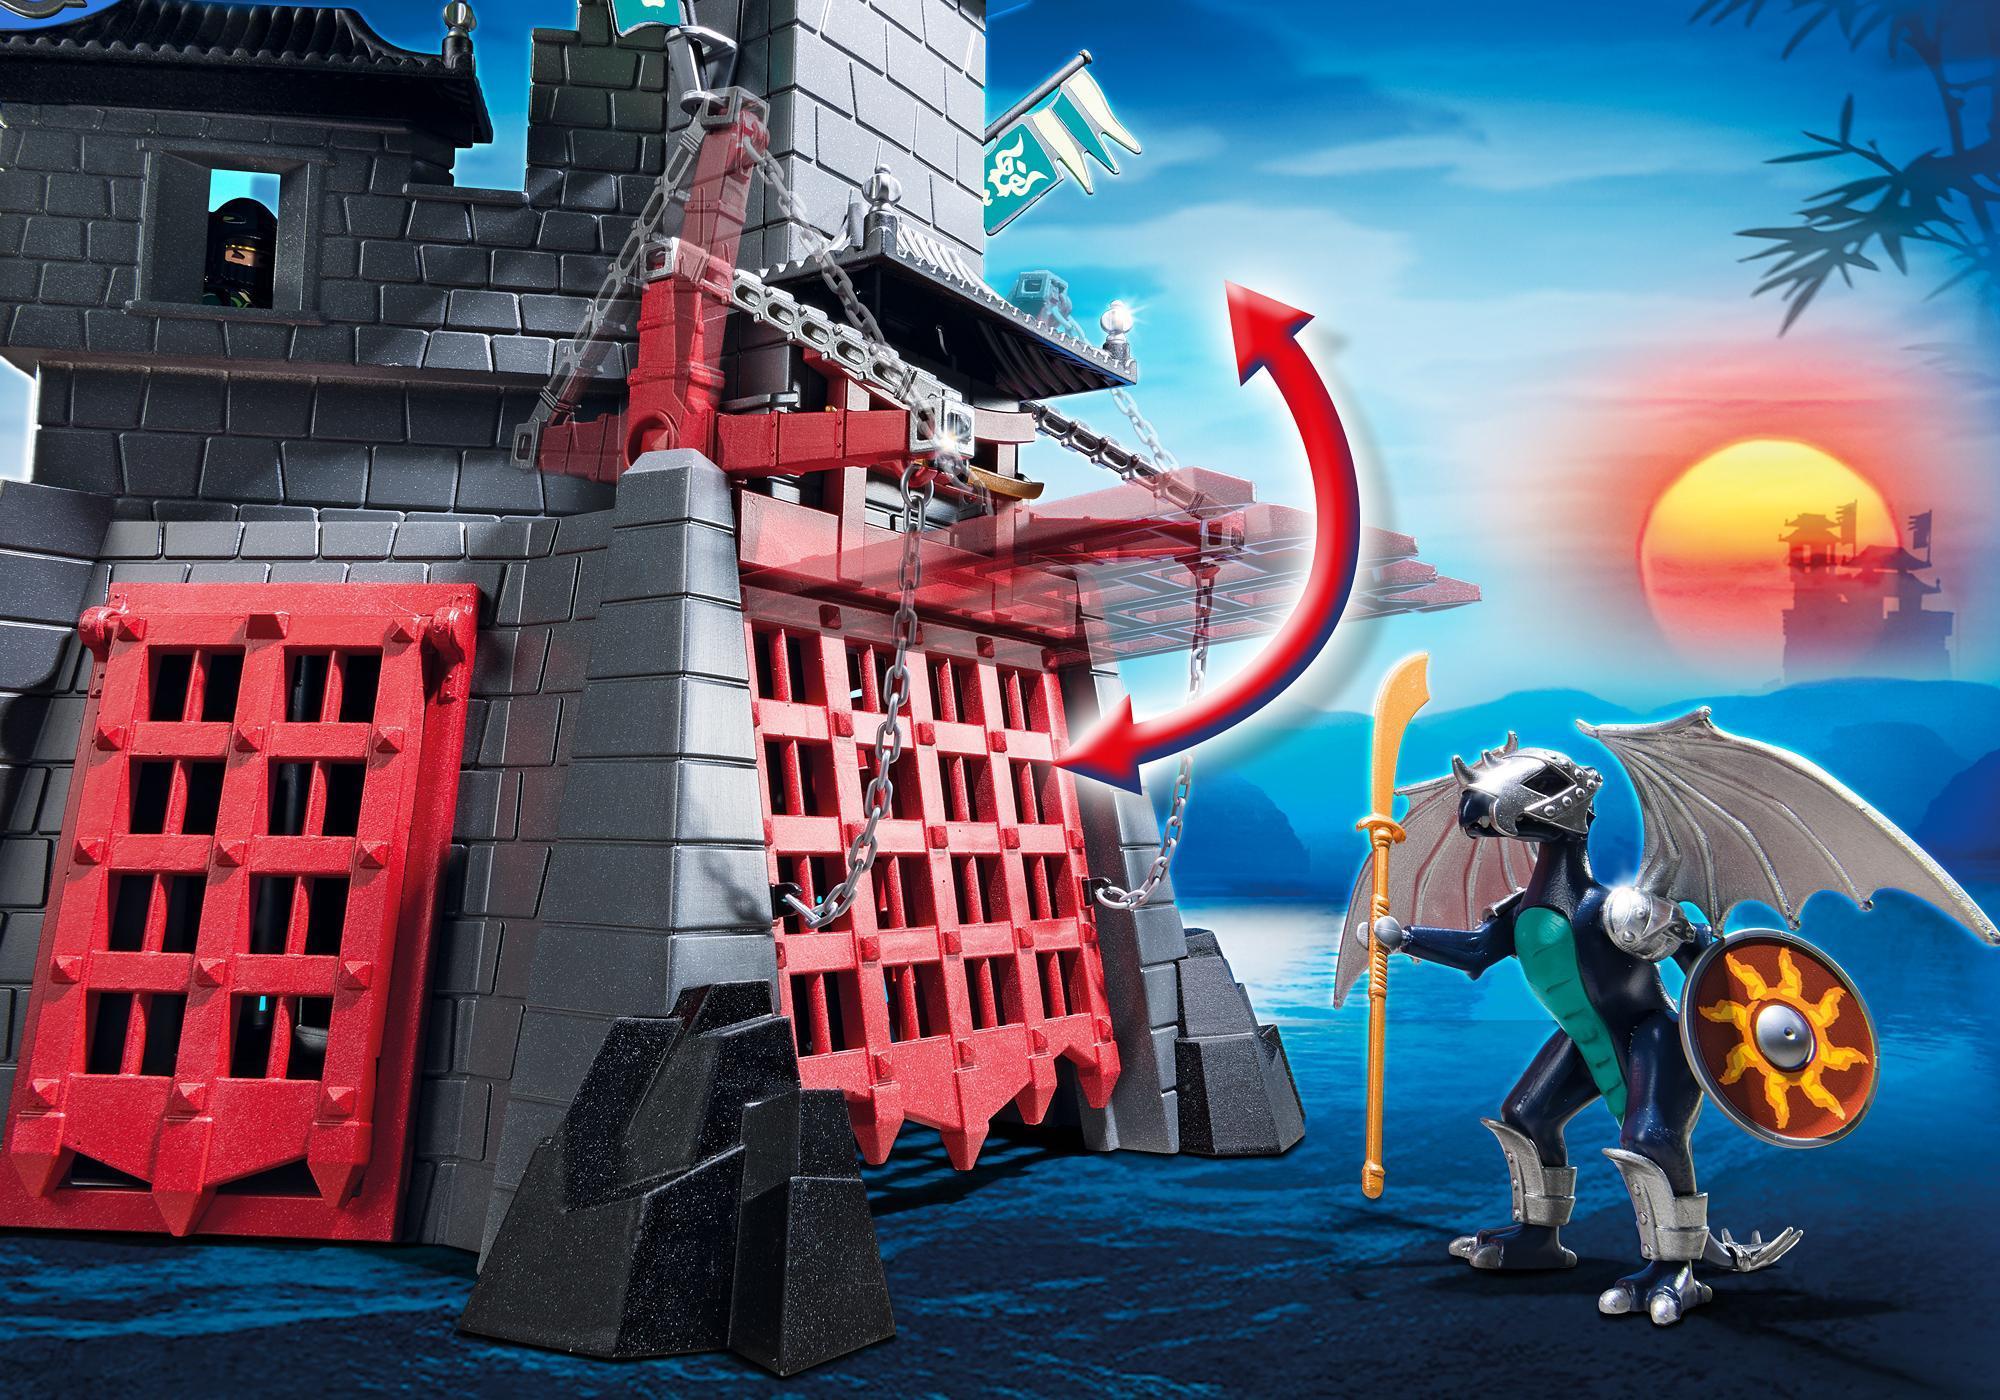 http://media.playmobil.com/i/playmobil/5480_product_extra3/Fortaleza Secreta do Dragão